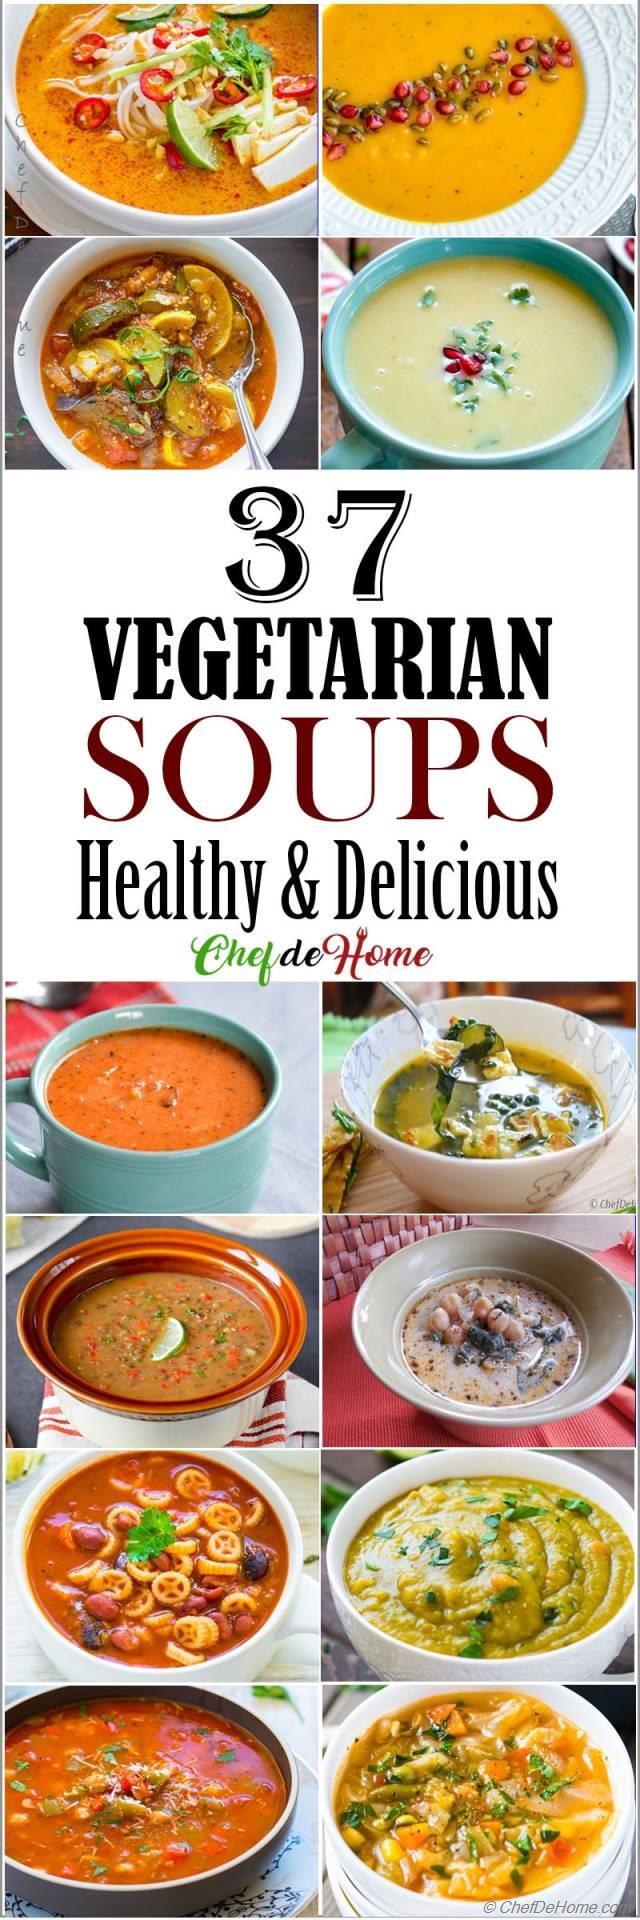 37 Vegetarian Soup Recipes